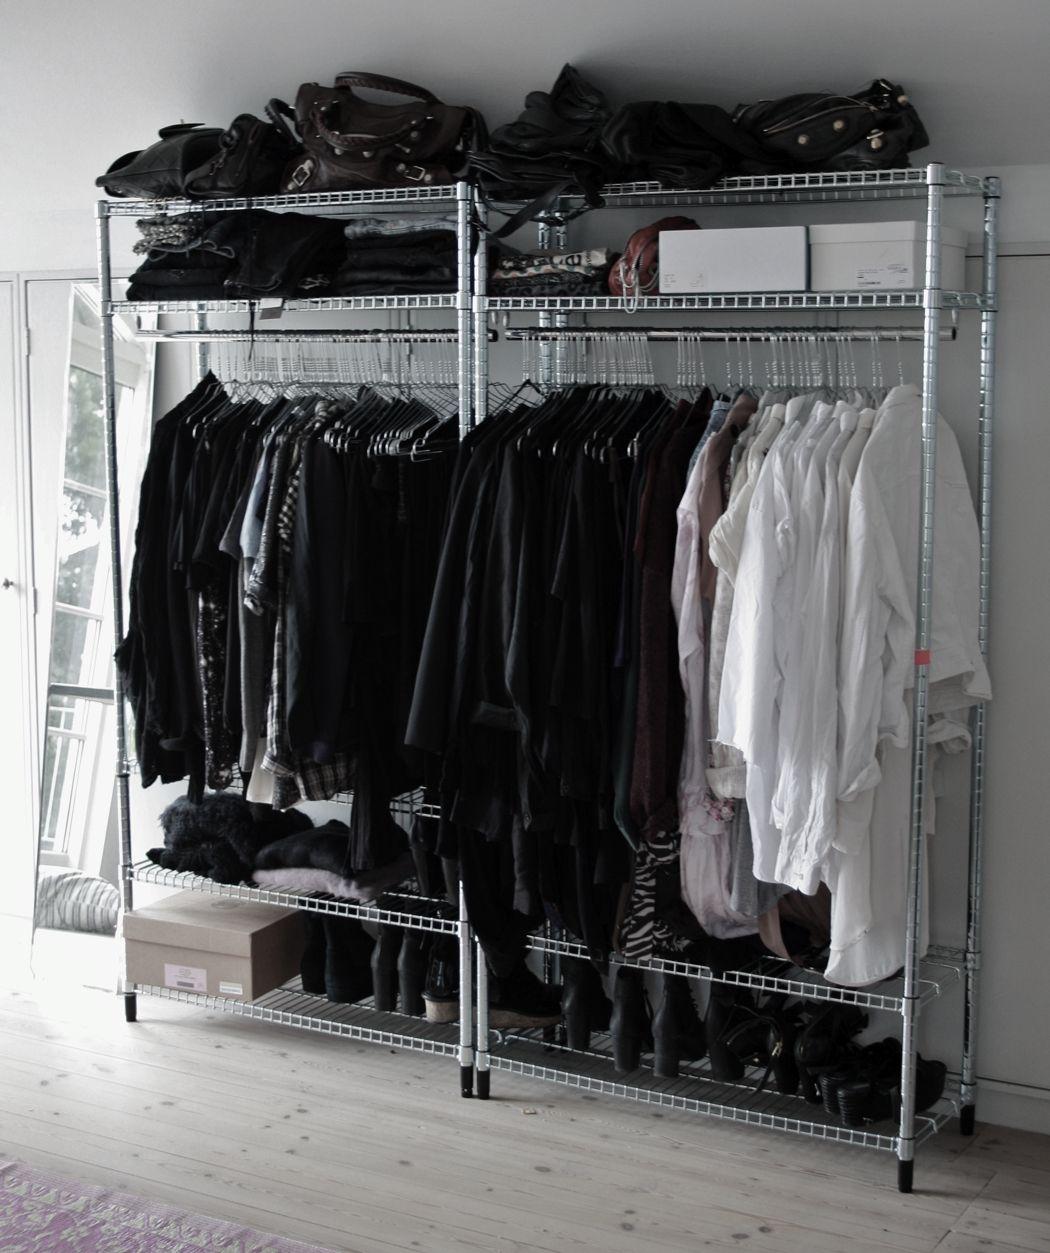 arri re the wardrobe challenge my flat pinterest garderobe kleiderschrank und schrank. Black Bedroom Furniture Sets. Home Design Ideas